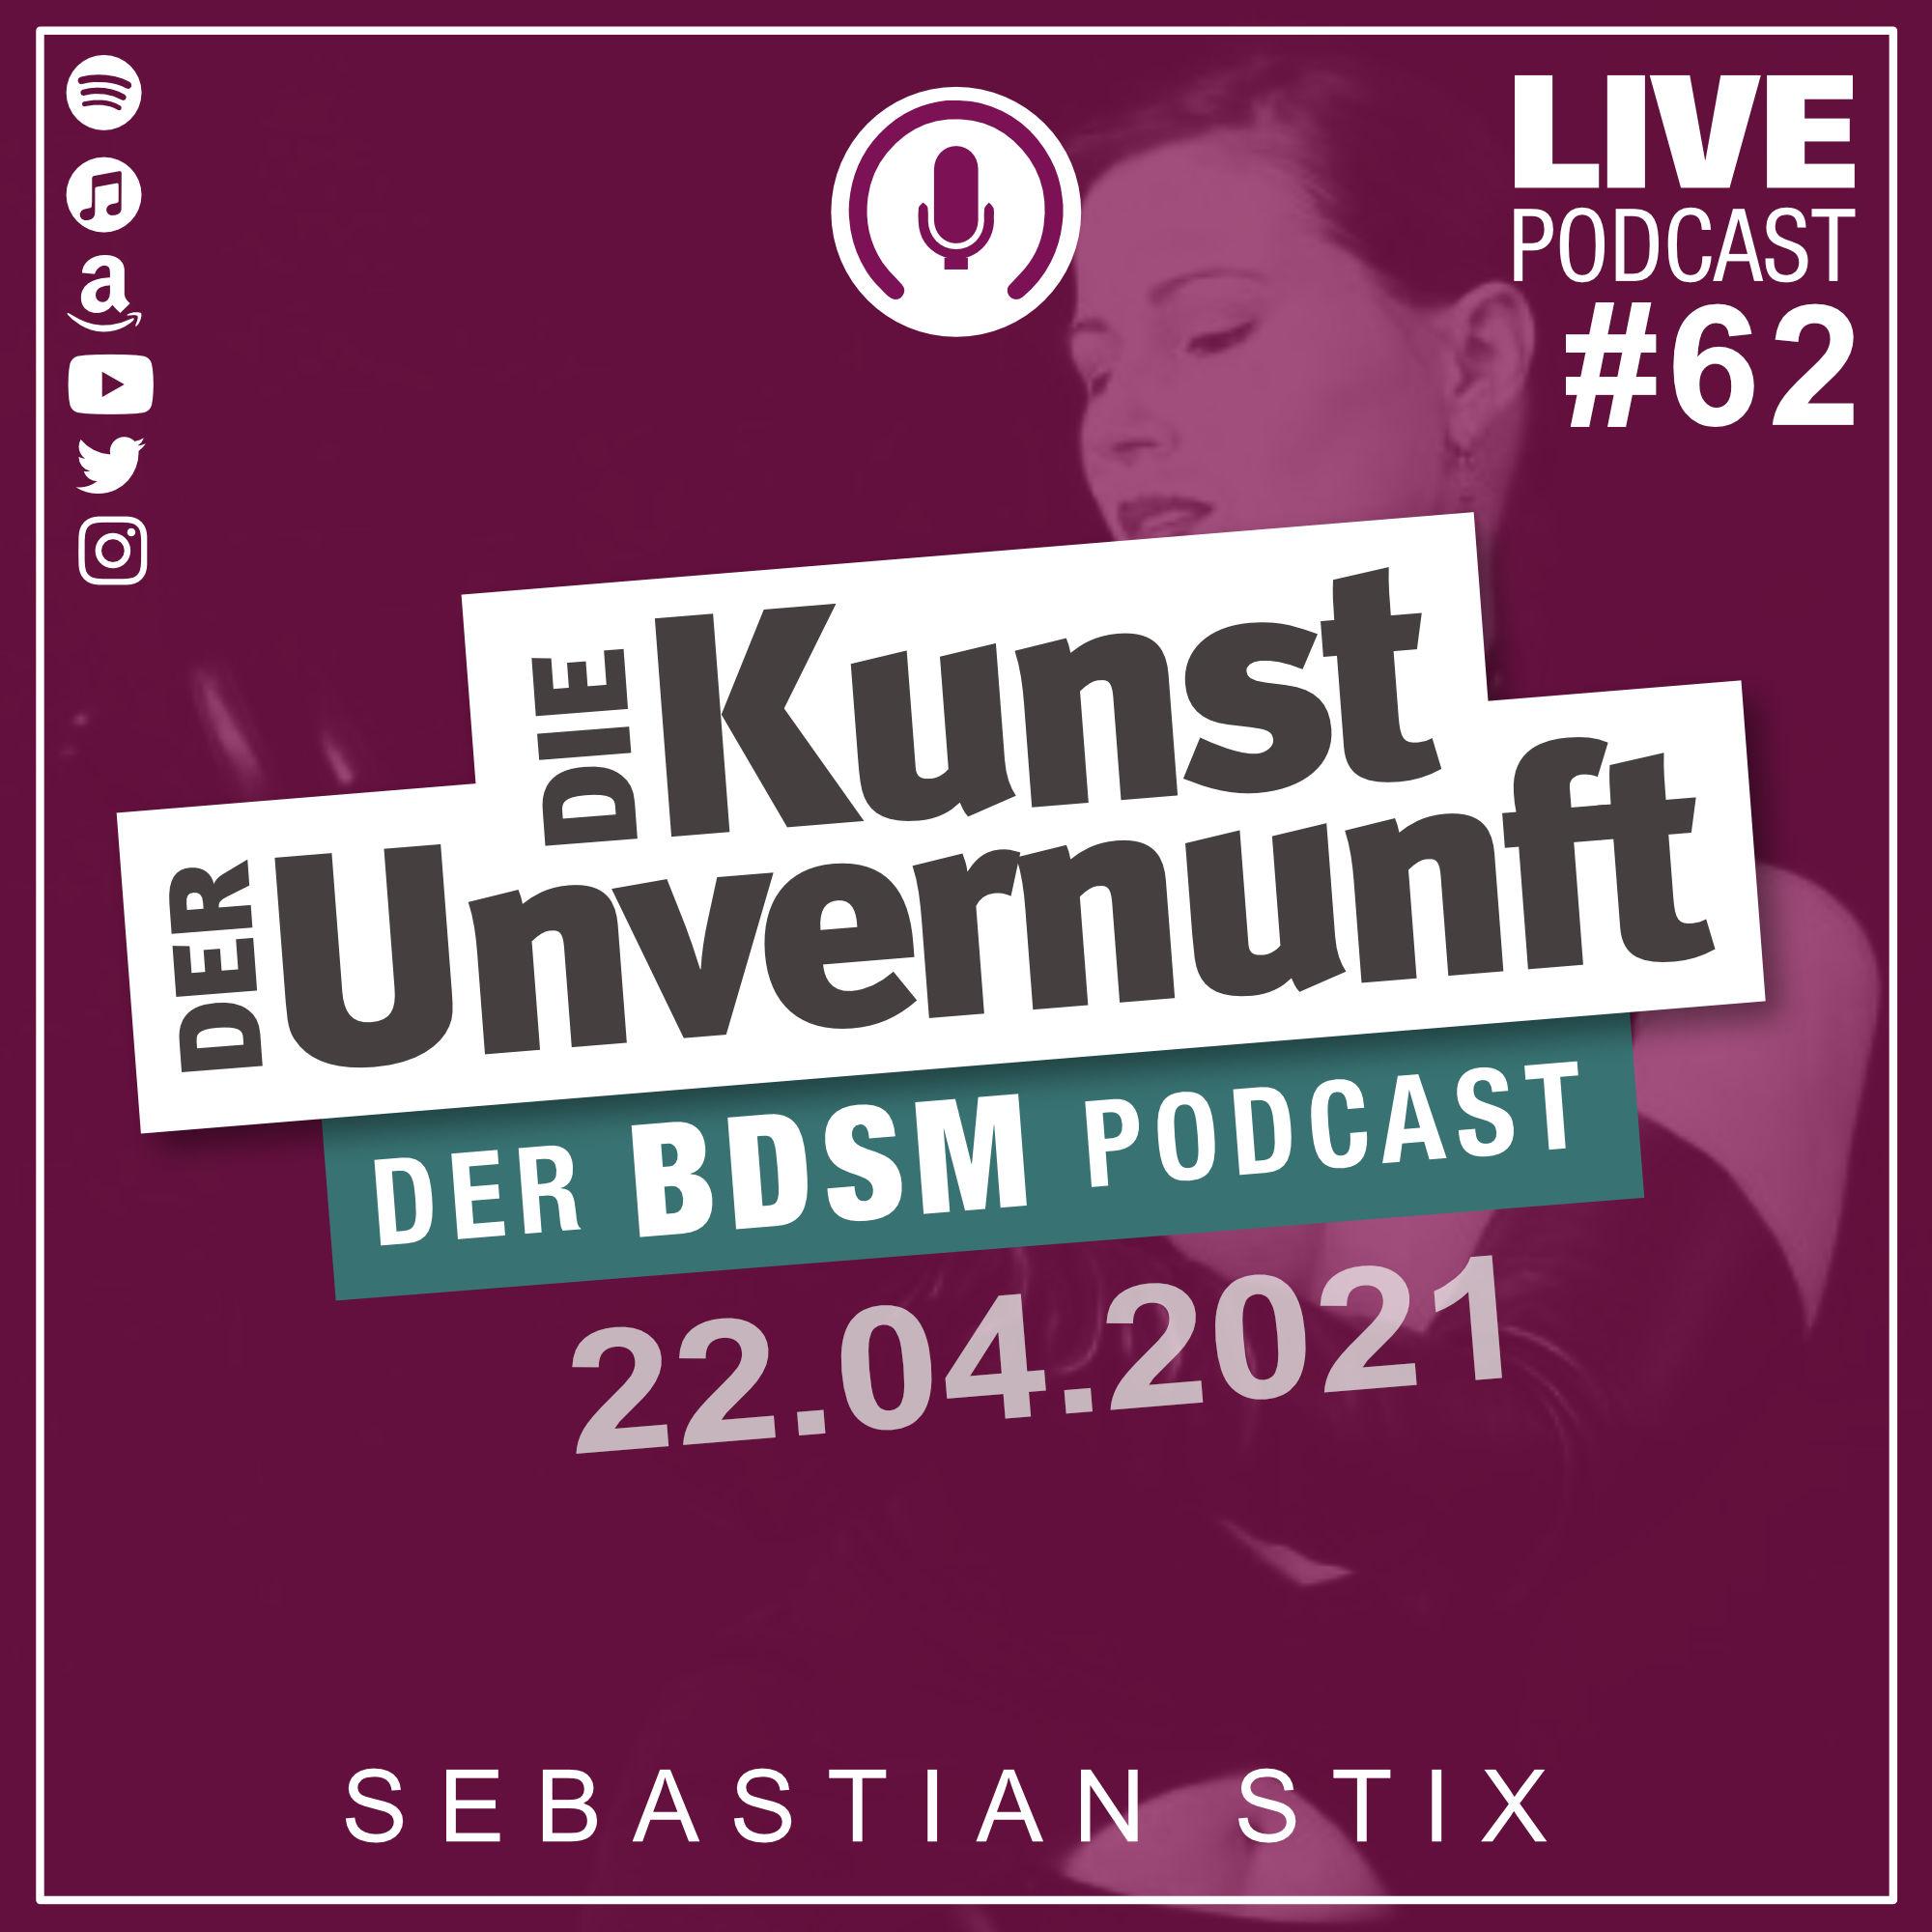 Unvernunft Live 22.04.2021 - Orgasmustrigger